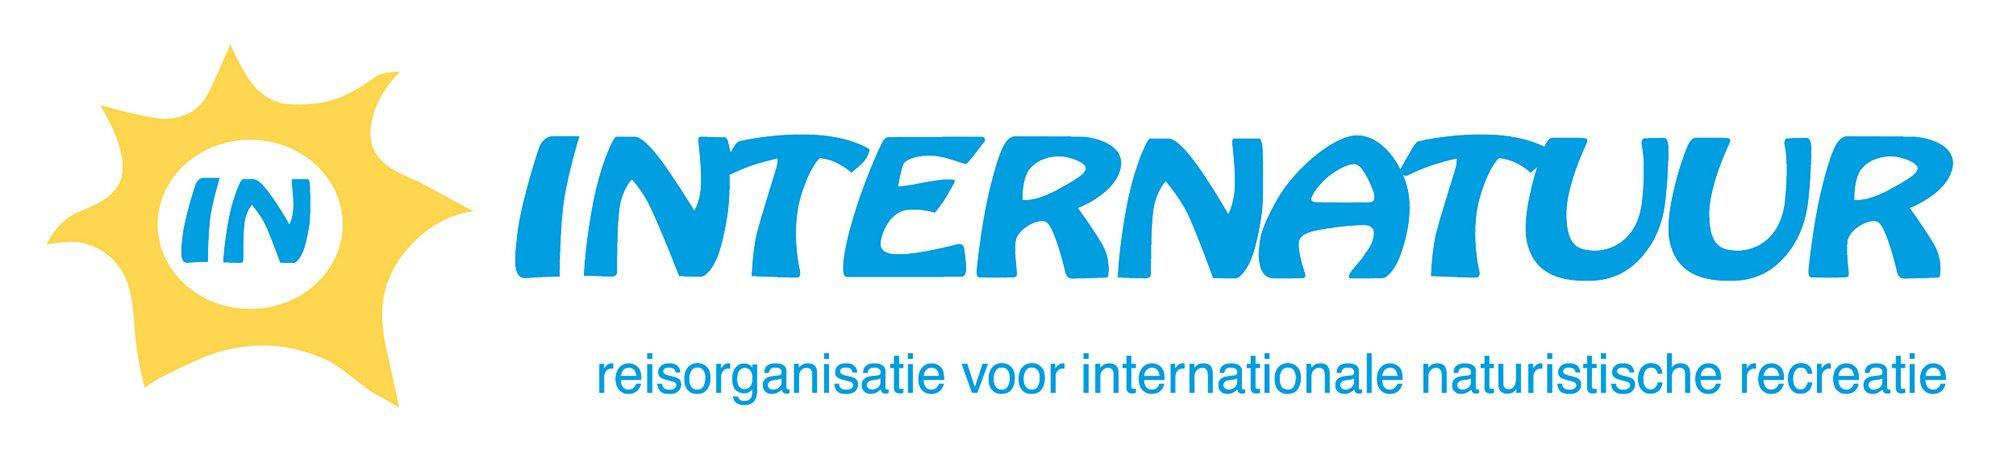 internatuur-logo-2000.jpg